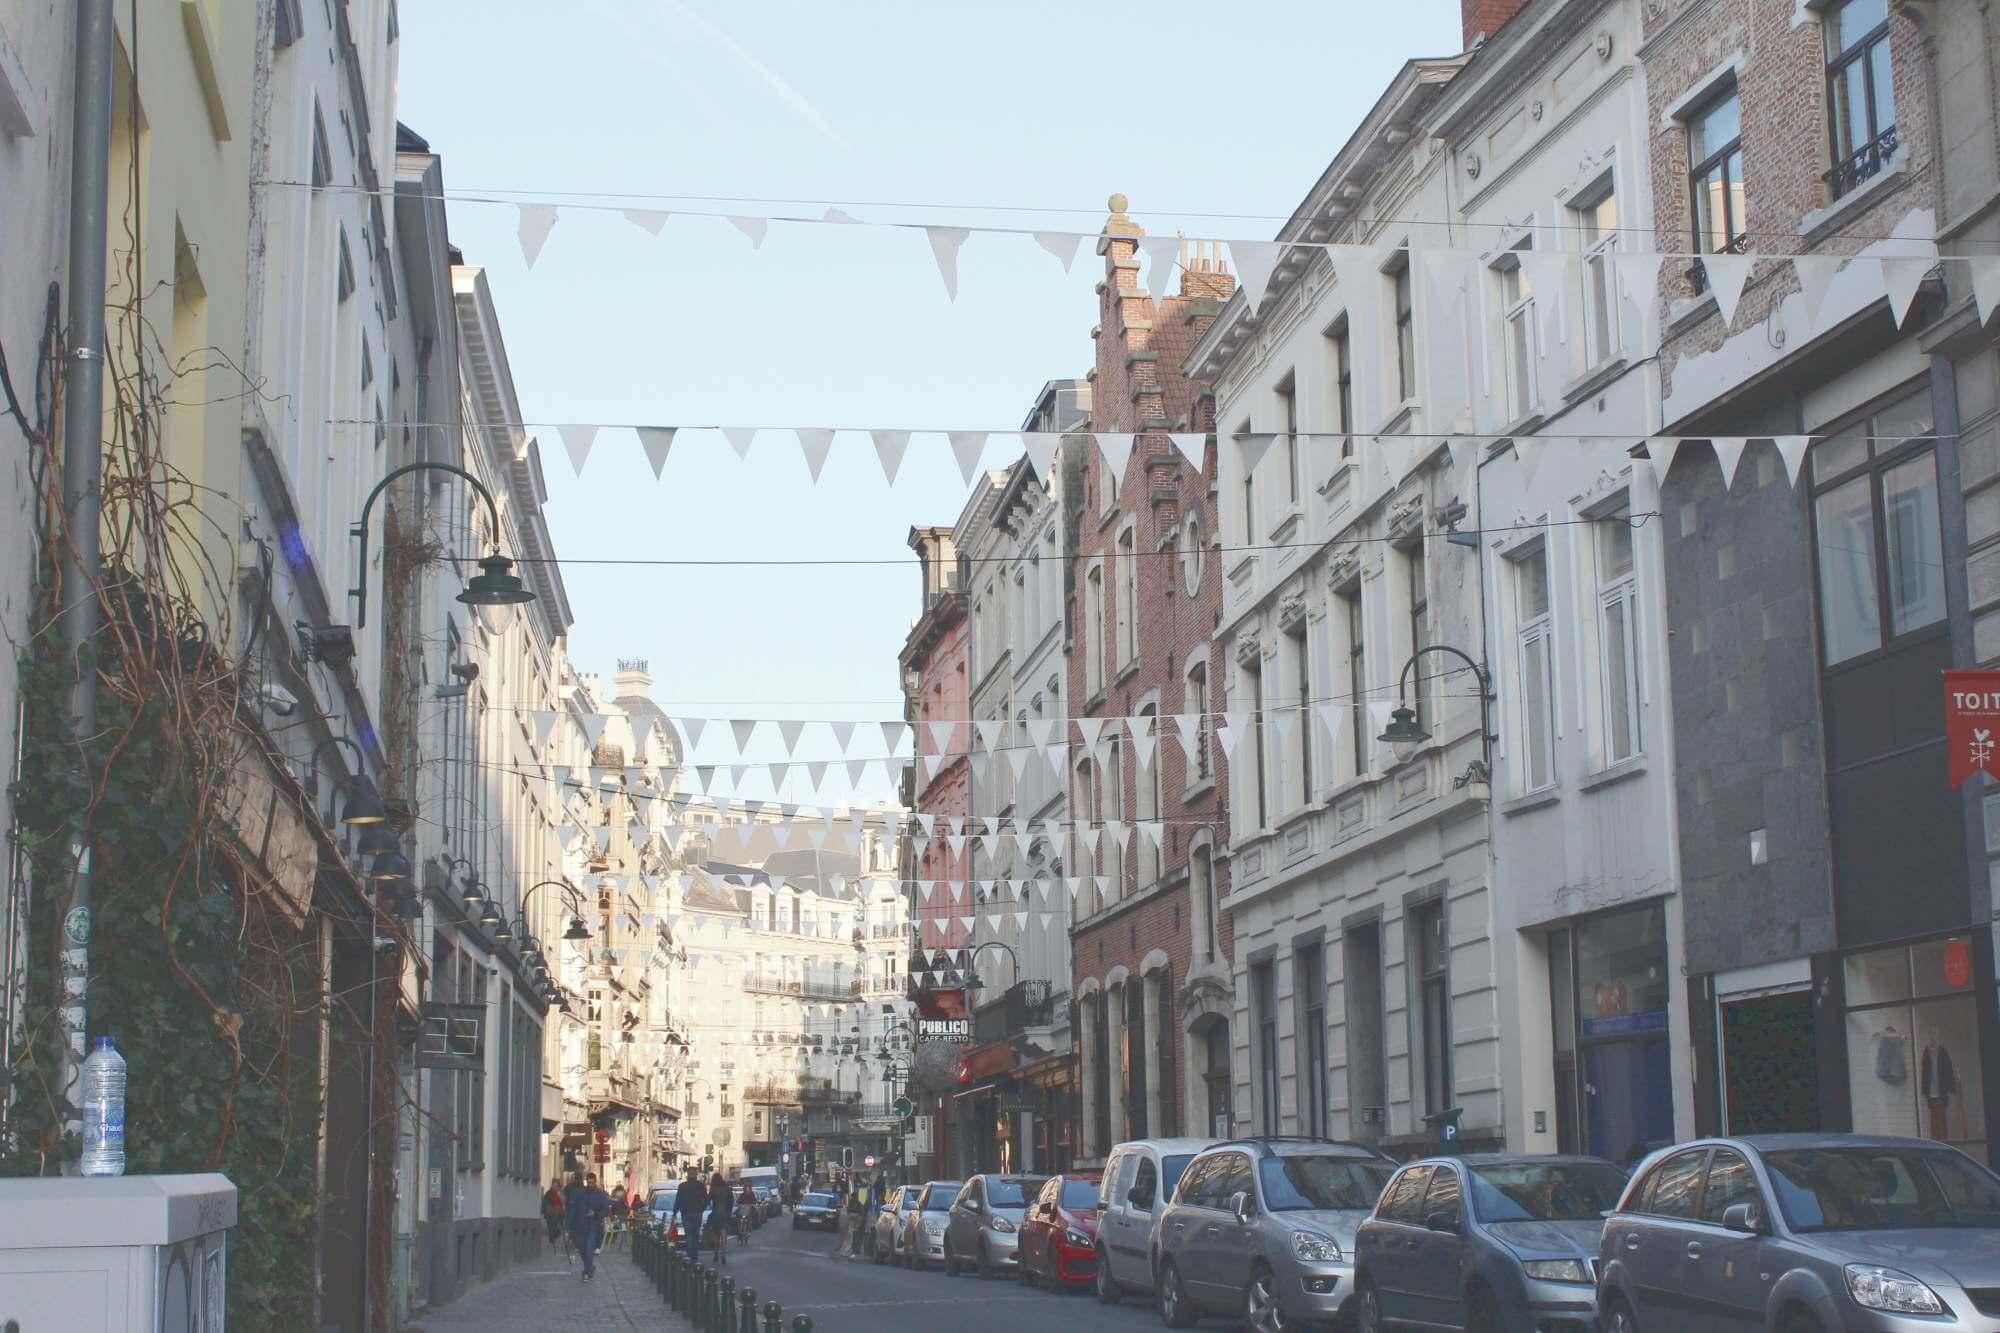 Straße in Brüssel, Belgien mit Fahnen dekoriert